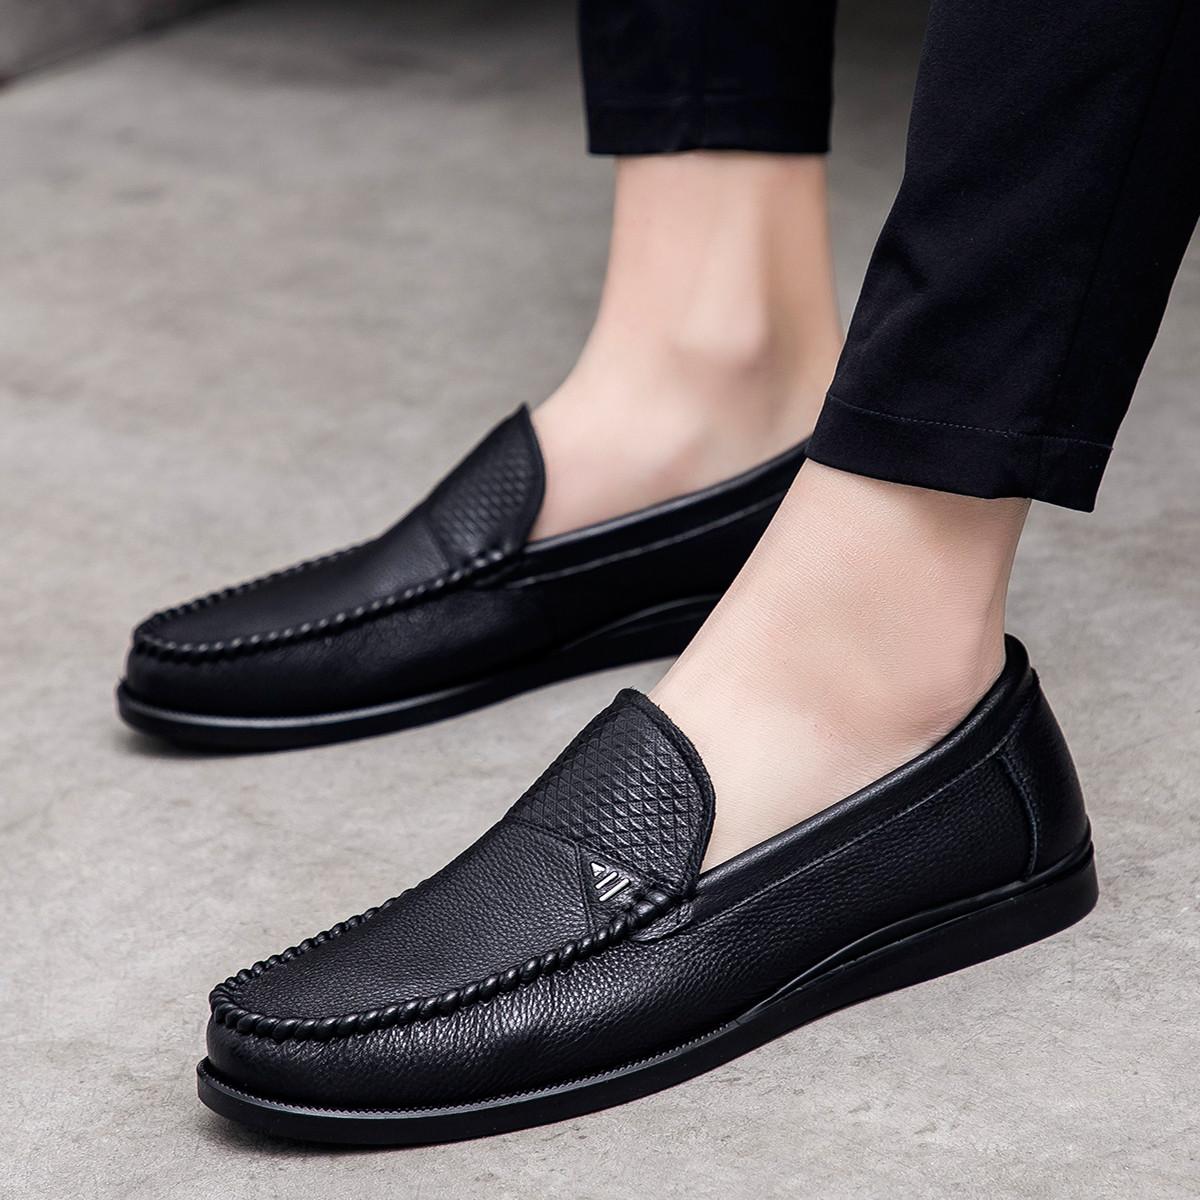 波尔谛奇新款男鞋牛皮套脚豆豆鞋乐福鞋男士休闲皮鞋男商务鞋K8S44031-H1